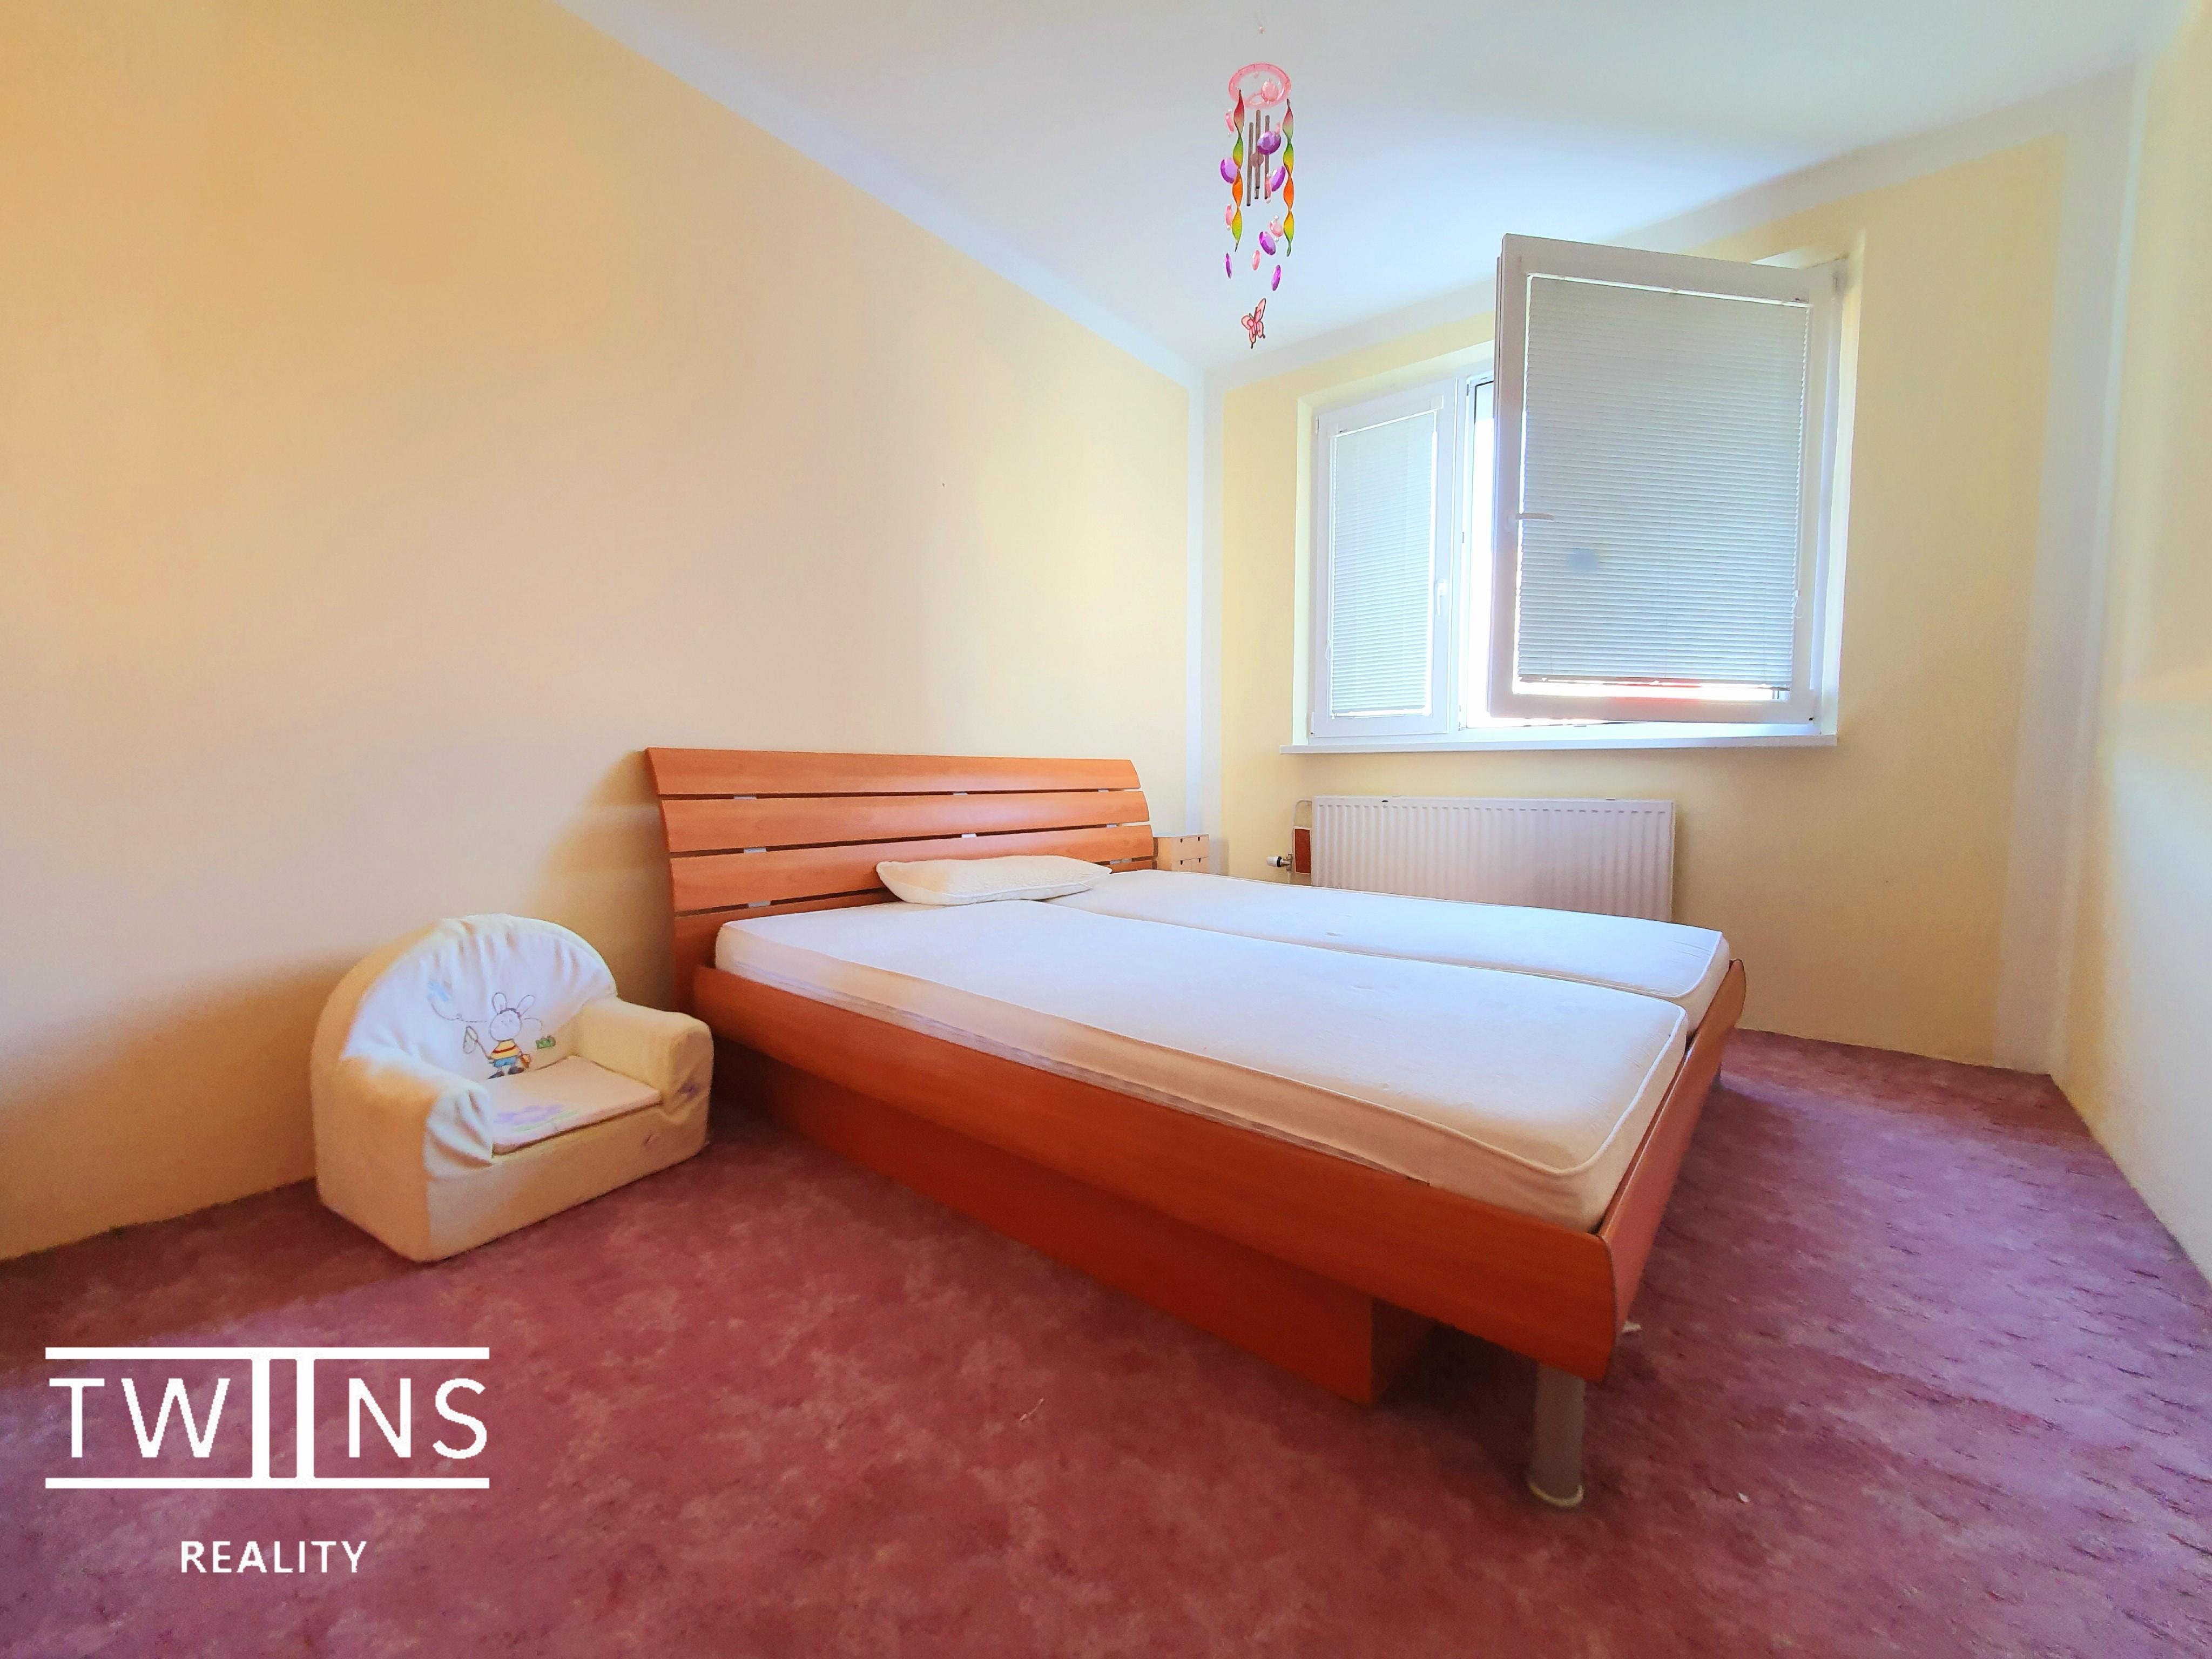 ✅Prenajmeme 4 izbovy byt v tichej lokalite pri lese🌳 v mestkej casti Devinska Nova Ves ( Jana Smreka ul)